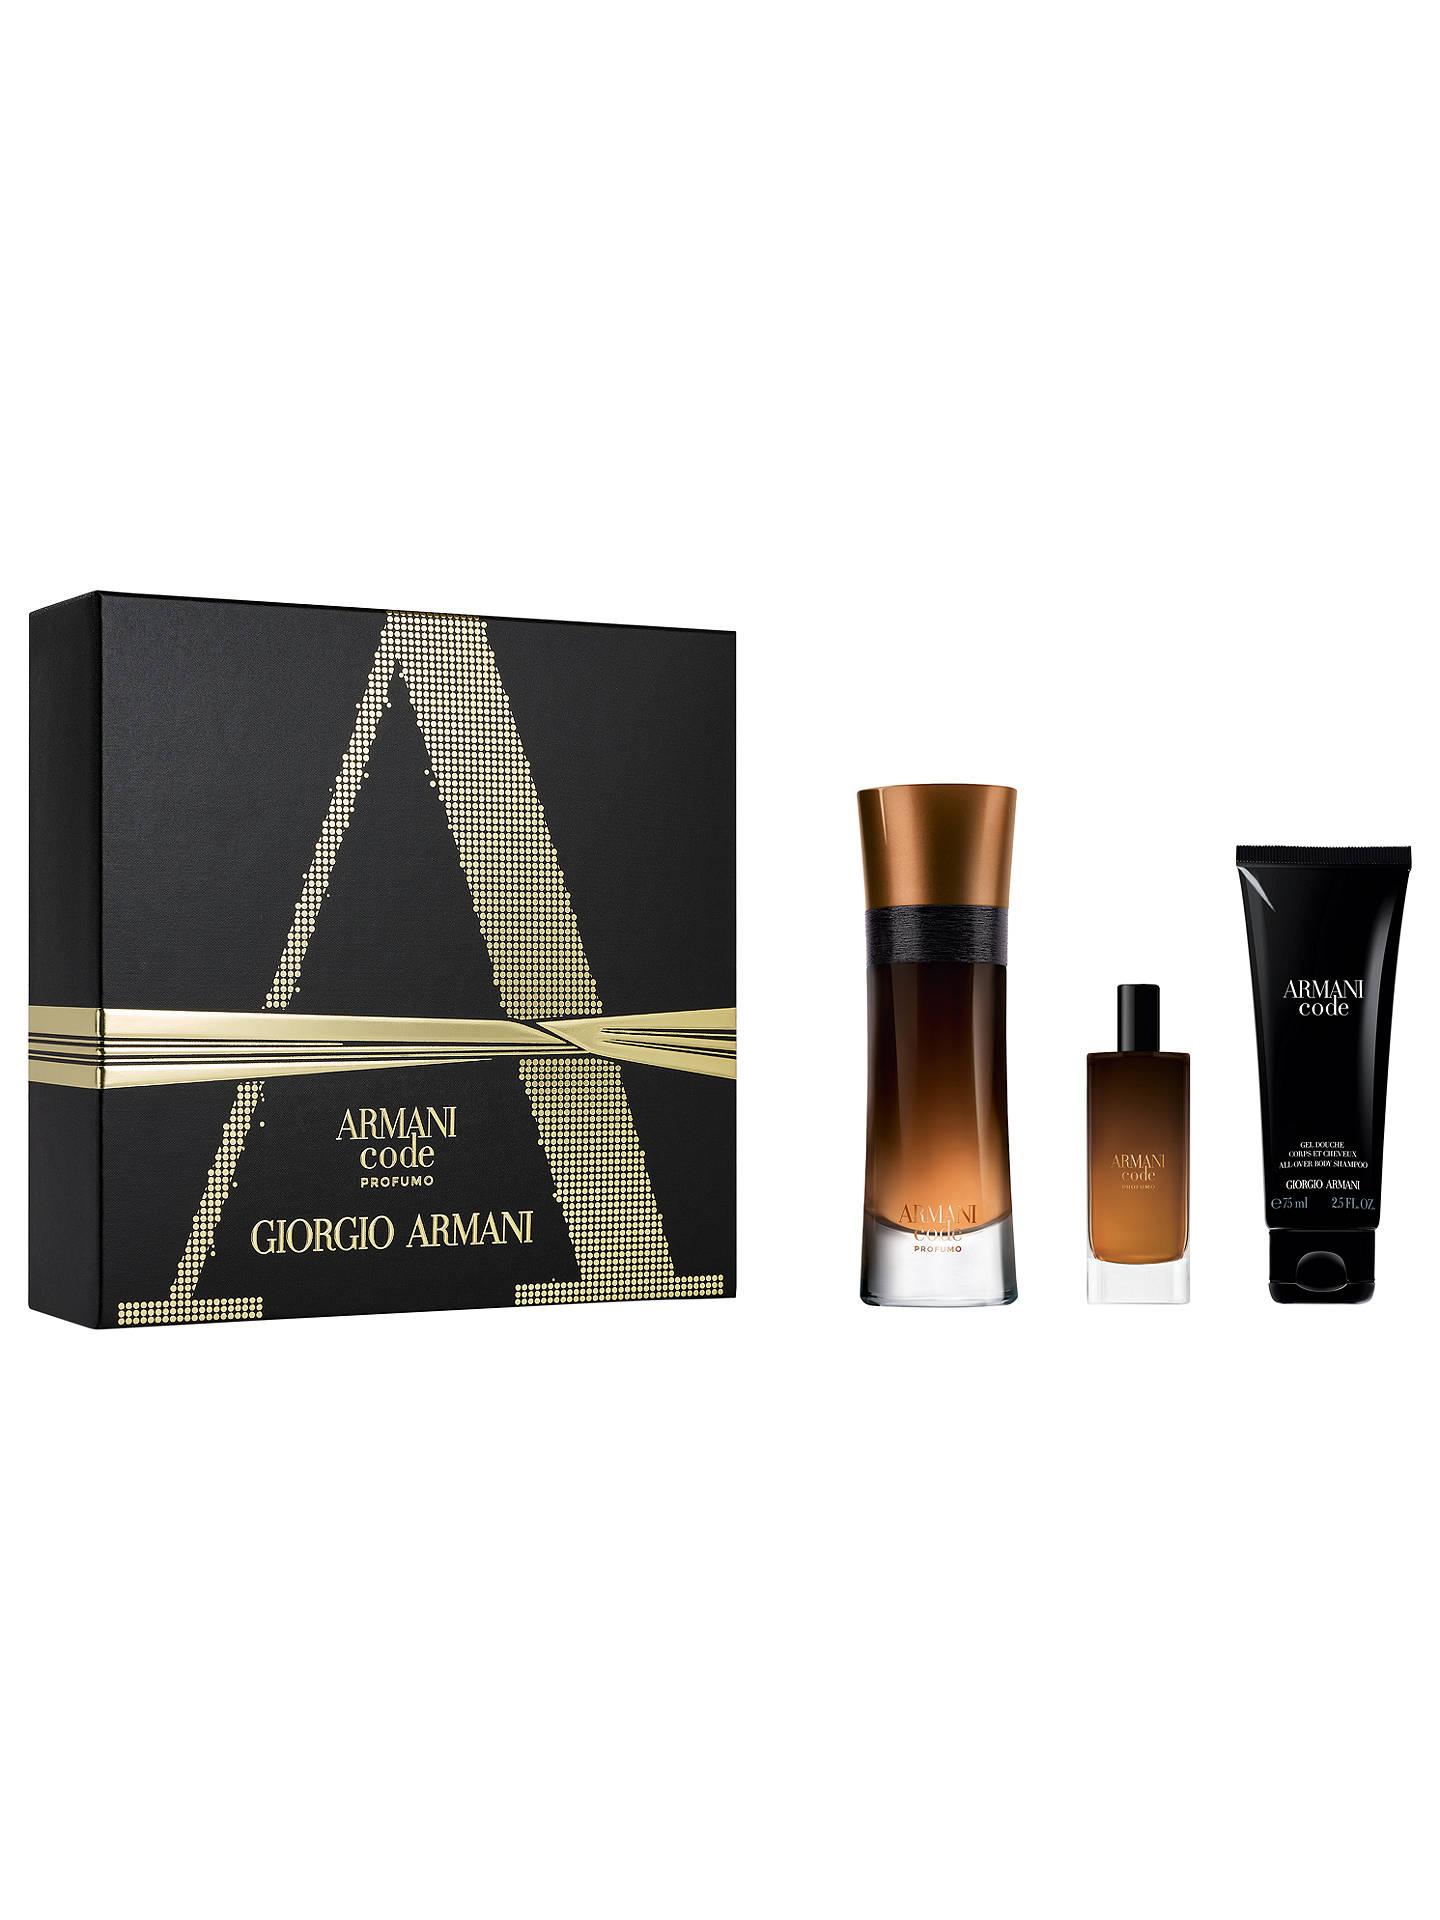 Giorgio Armani Amarni Code Profumo 60ml Eau De Parfum Fragrance Gift